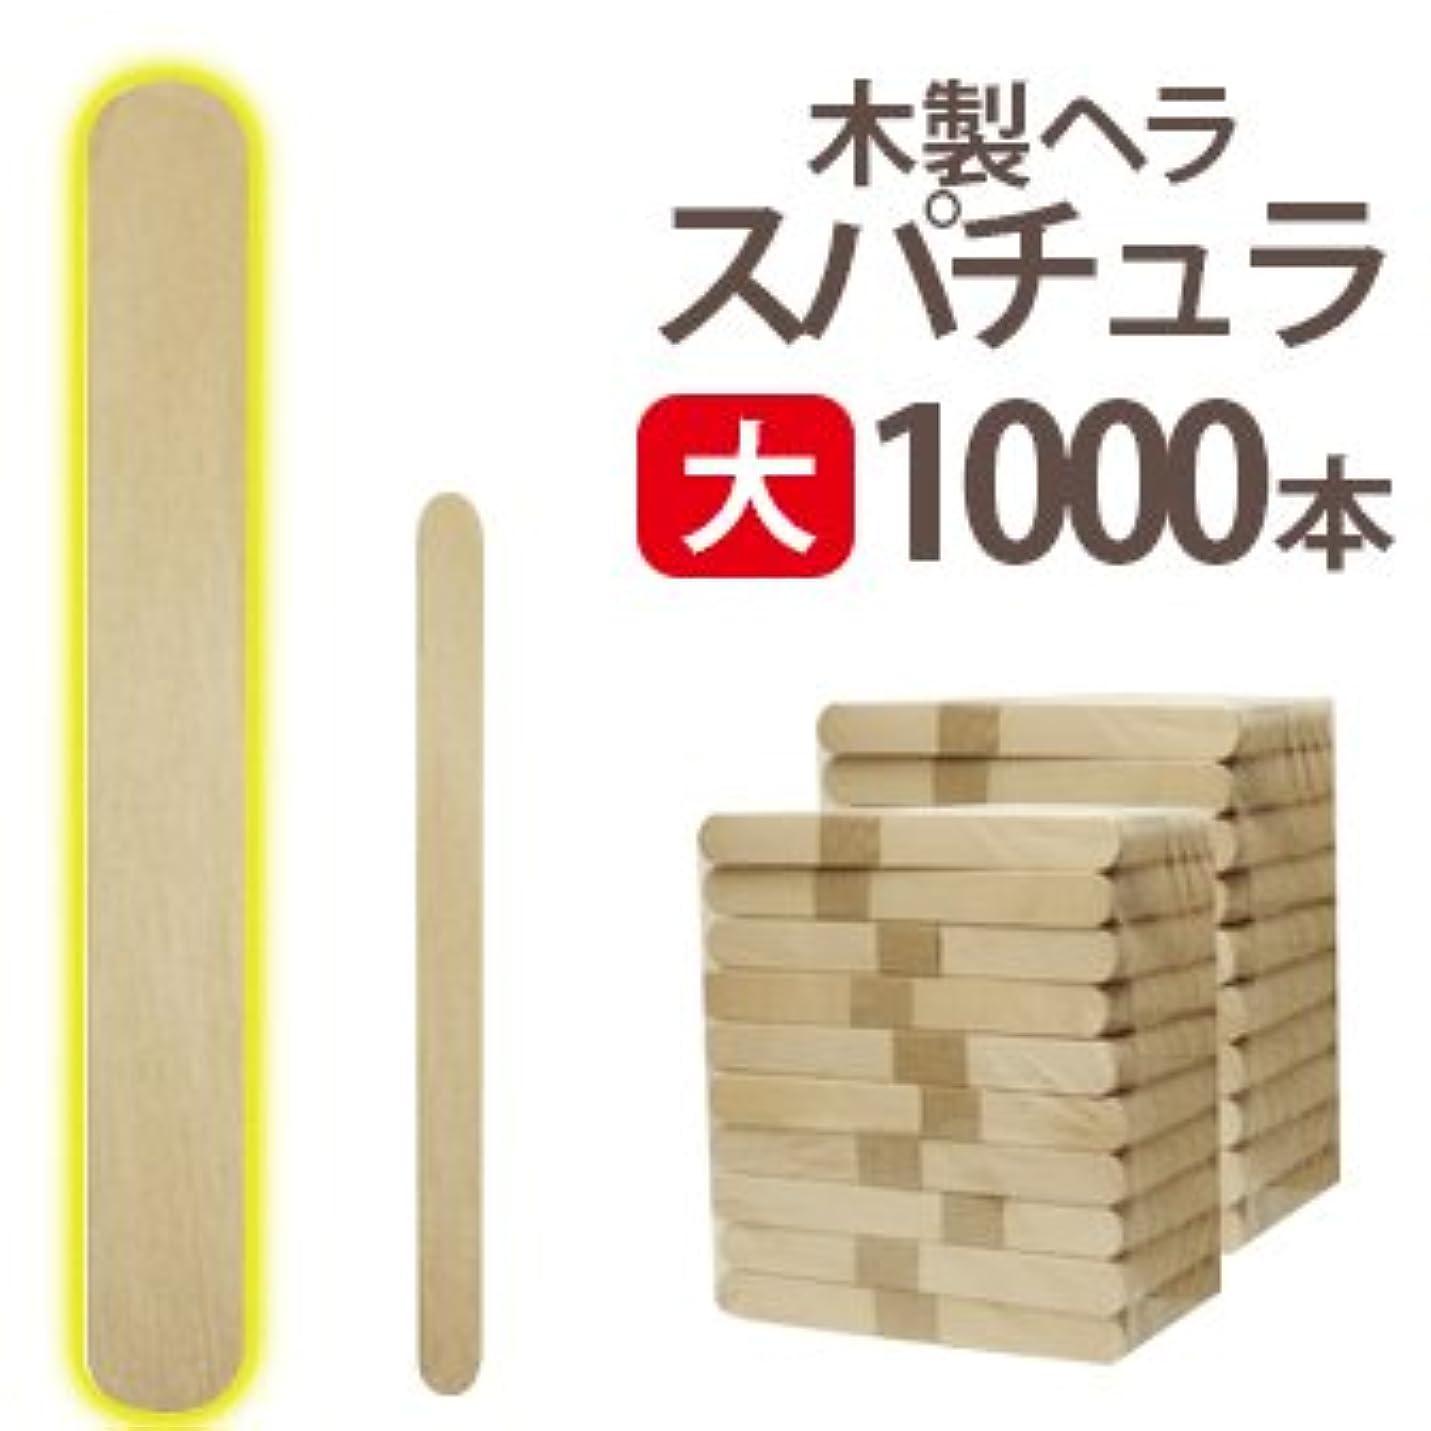 パーフェルビッド論理的に誰か大 ブラジリアンワックス 業務用1000本 スパチュラ Aタイプ(個別梱包なし 150×16)